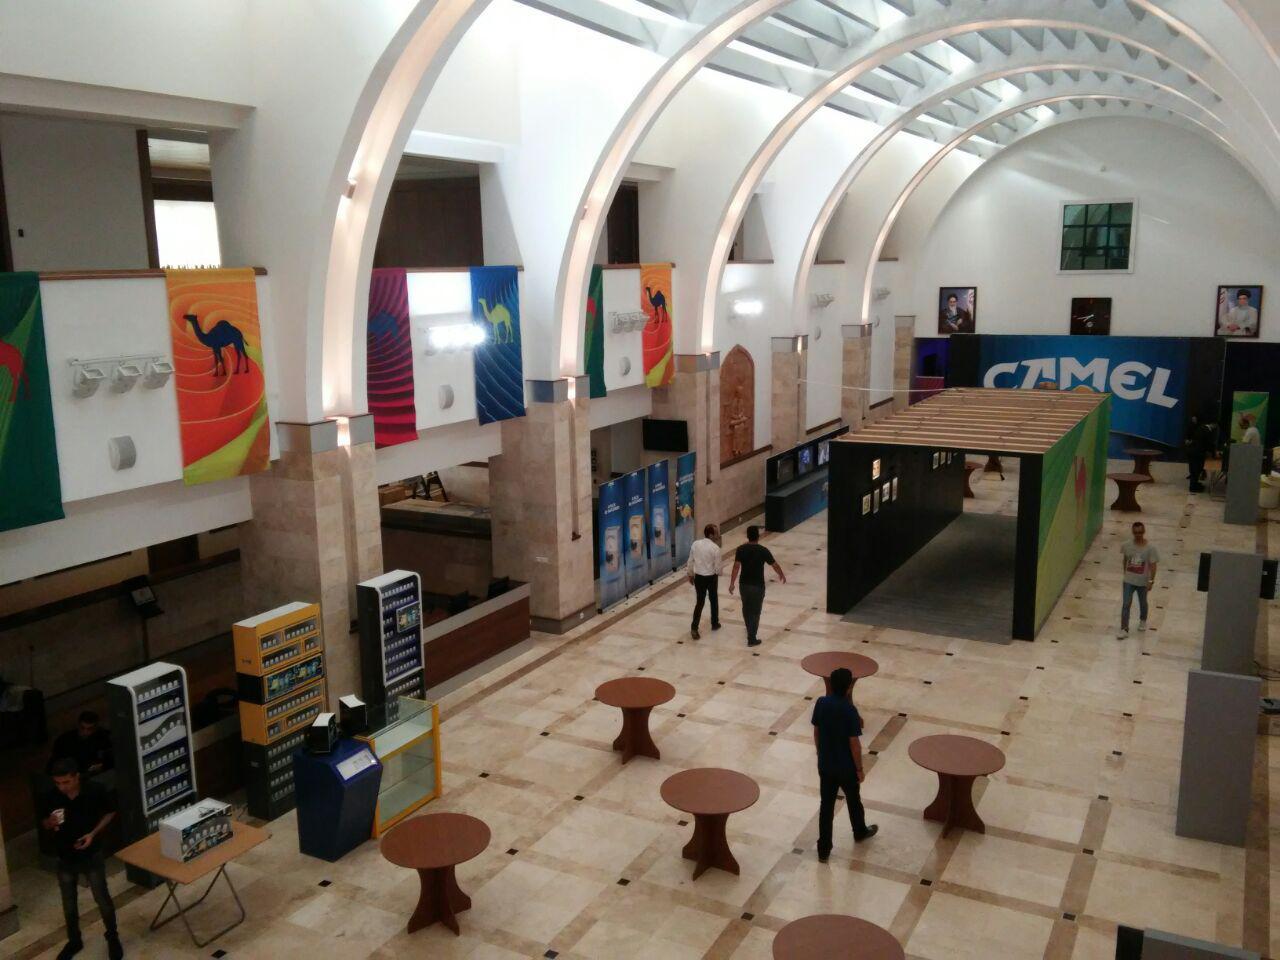 برگزاری نمایشگاهای بین المللی (شرکت چهارفکر)